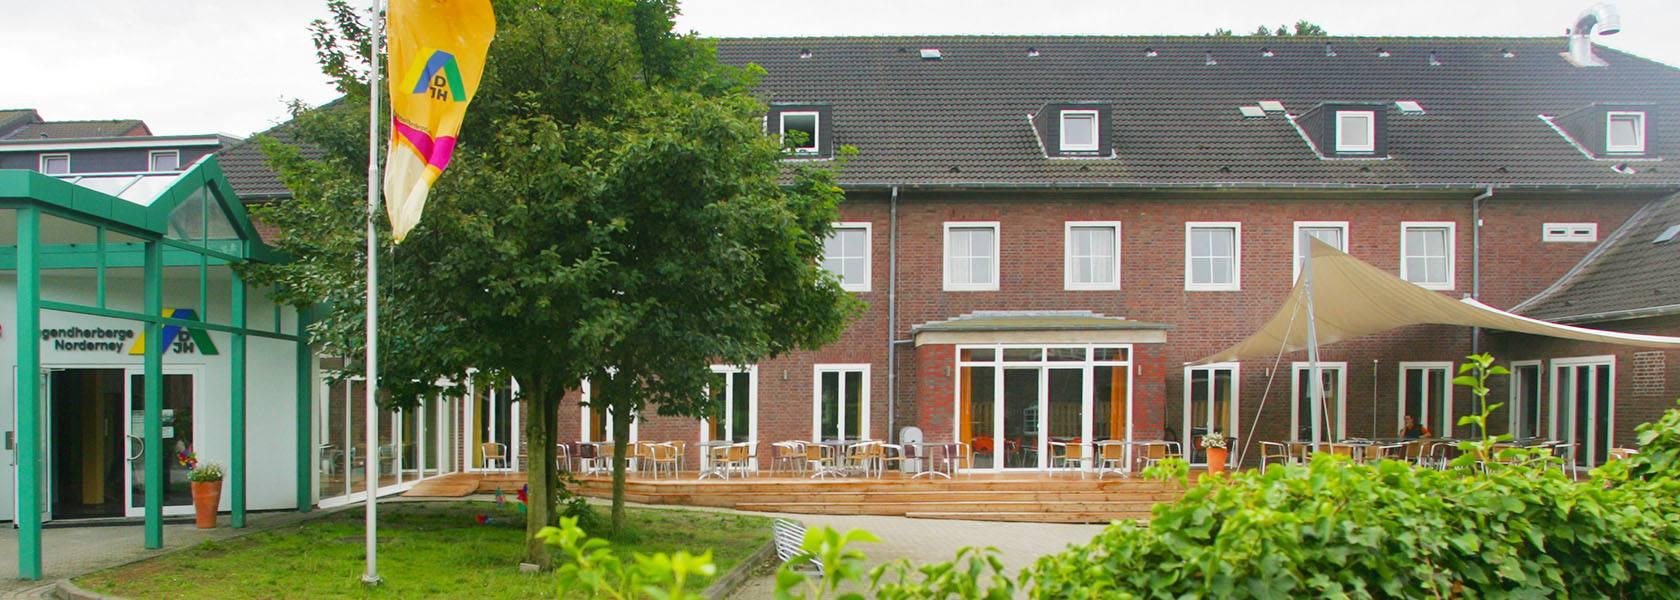 djh_norderney-01-712, © Die JugendHerbergen im Nordwesten gemeinnützige GmbH